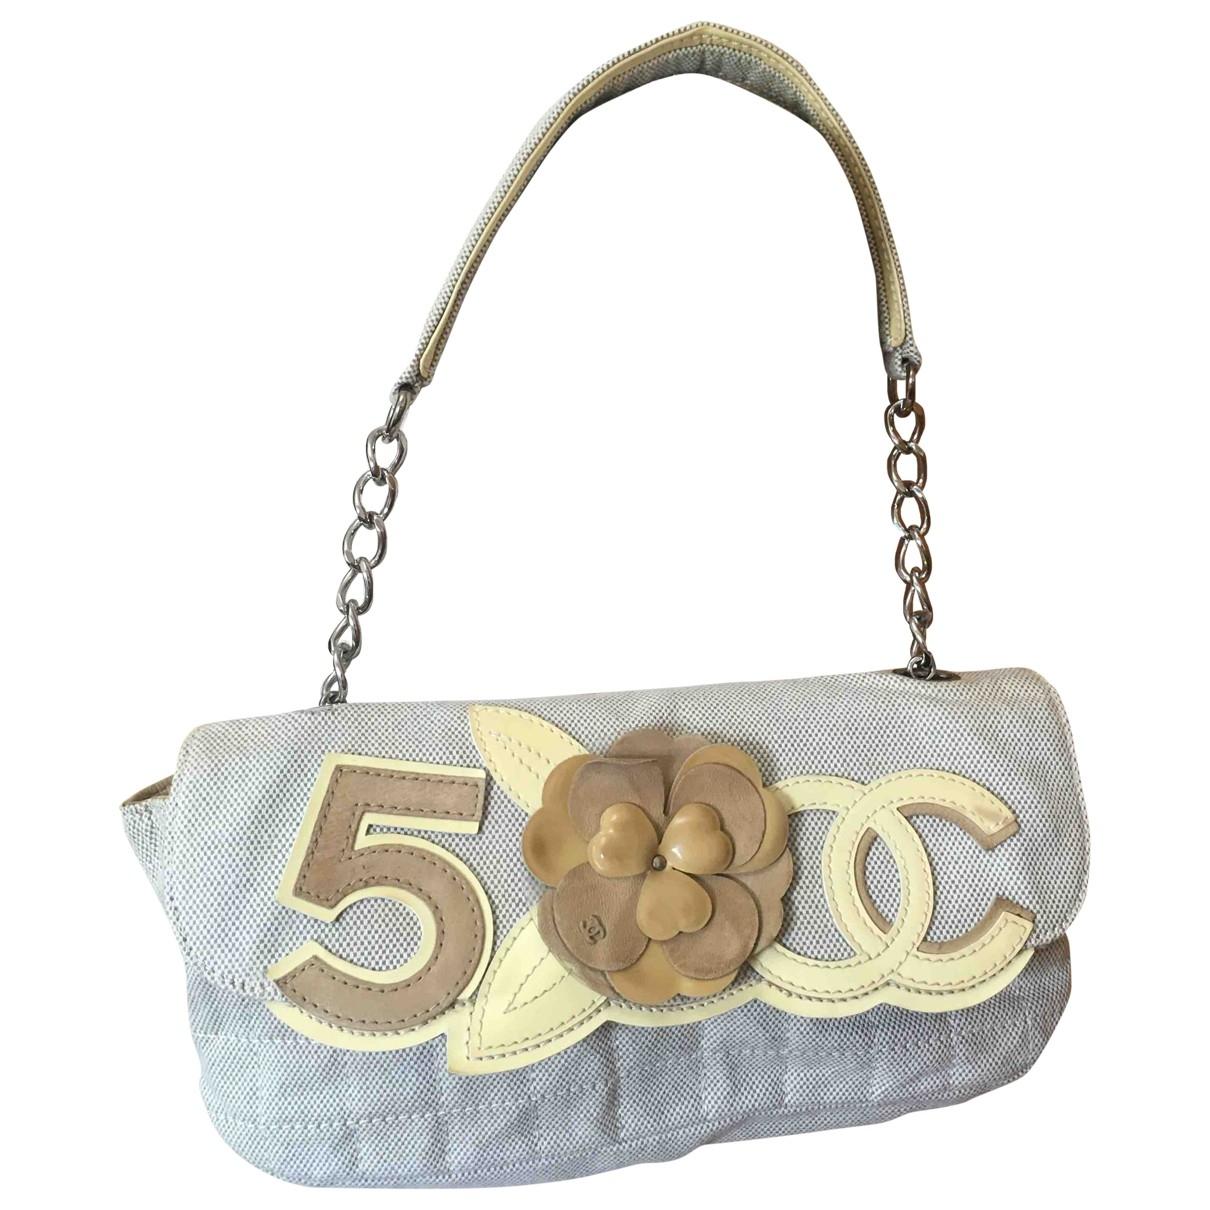 Chanel - Sac a main   pour femme en coton - beige